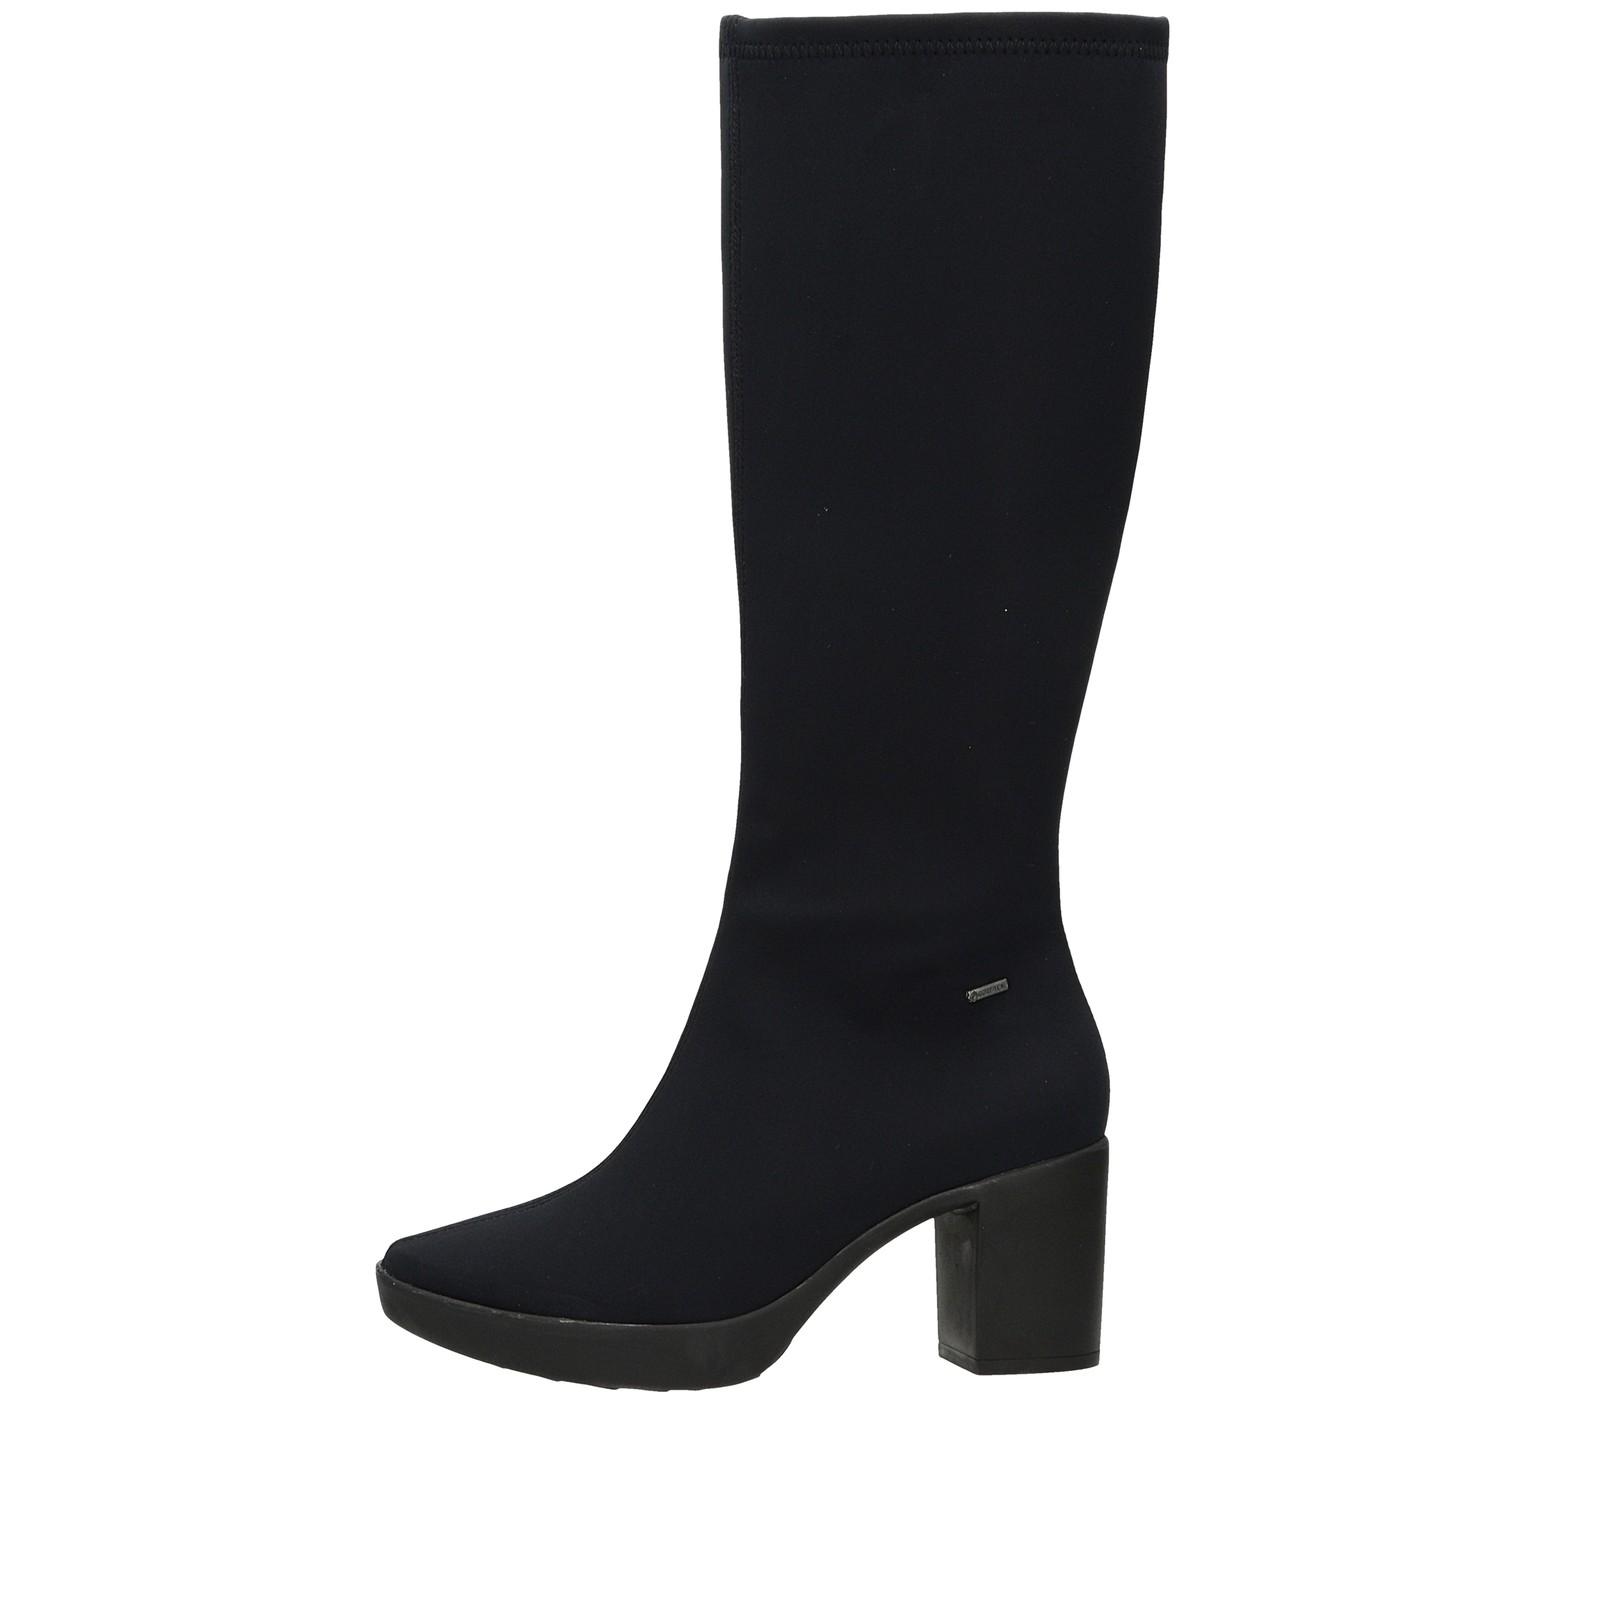 d054c6591179 ... Högl dámske textilné vysoké čižmy - čierne ...